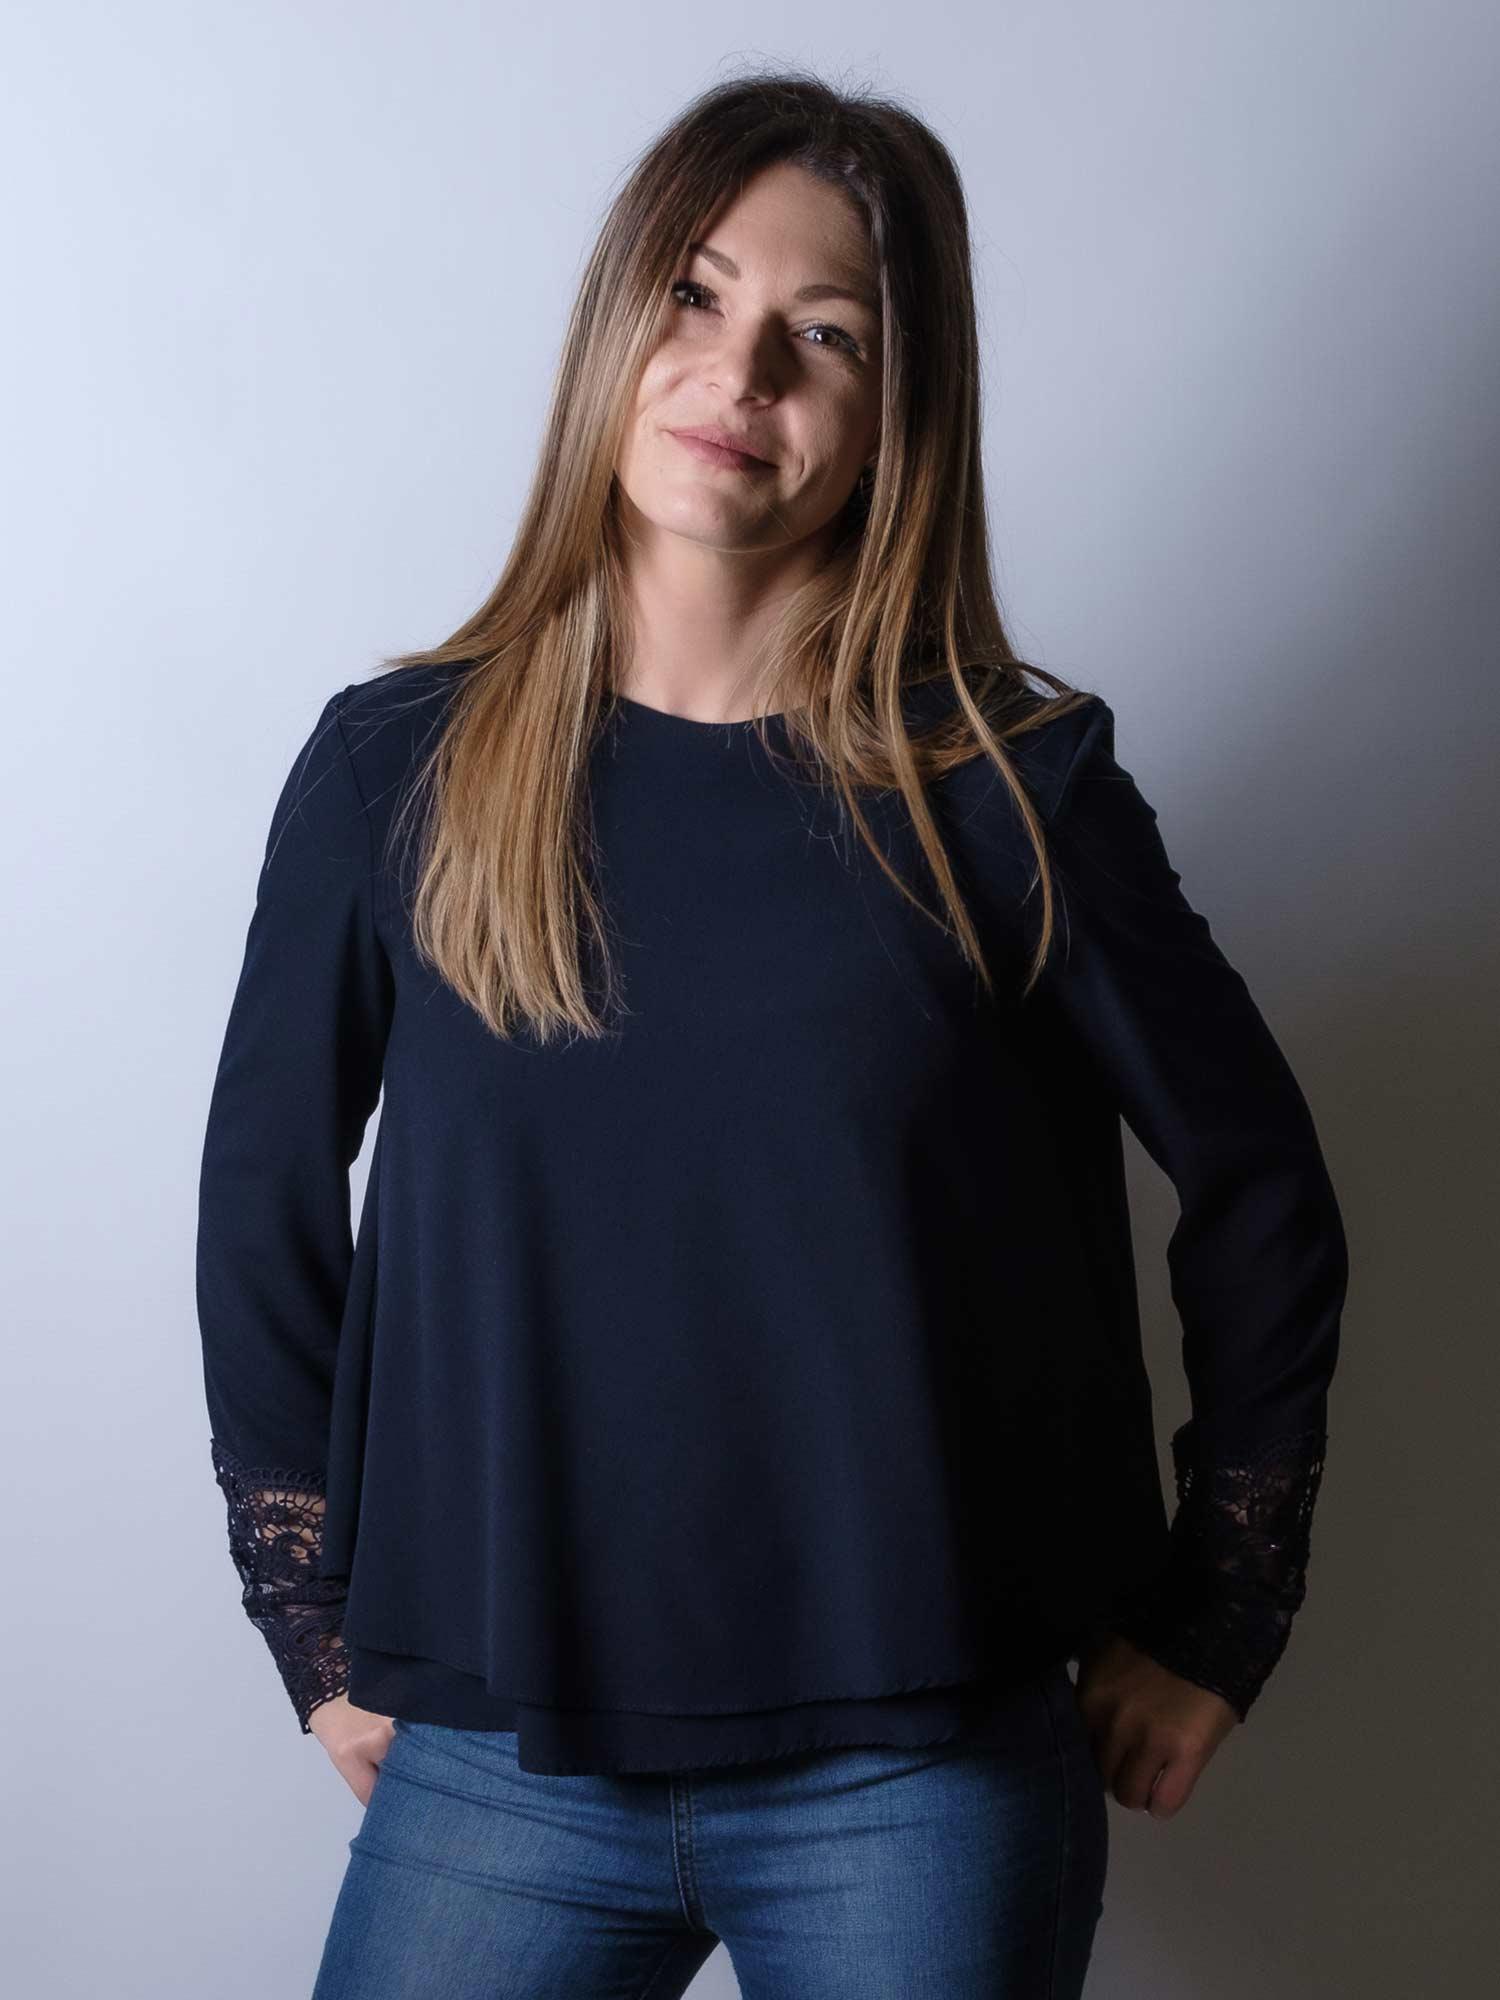 Francesca Del Sala